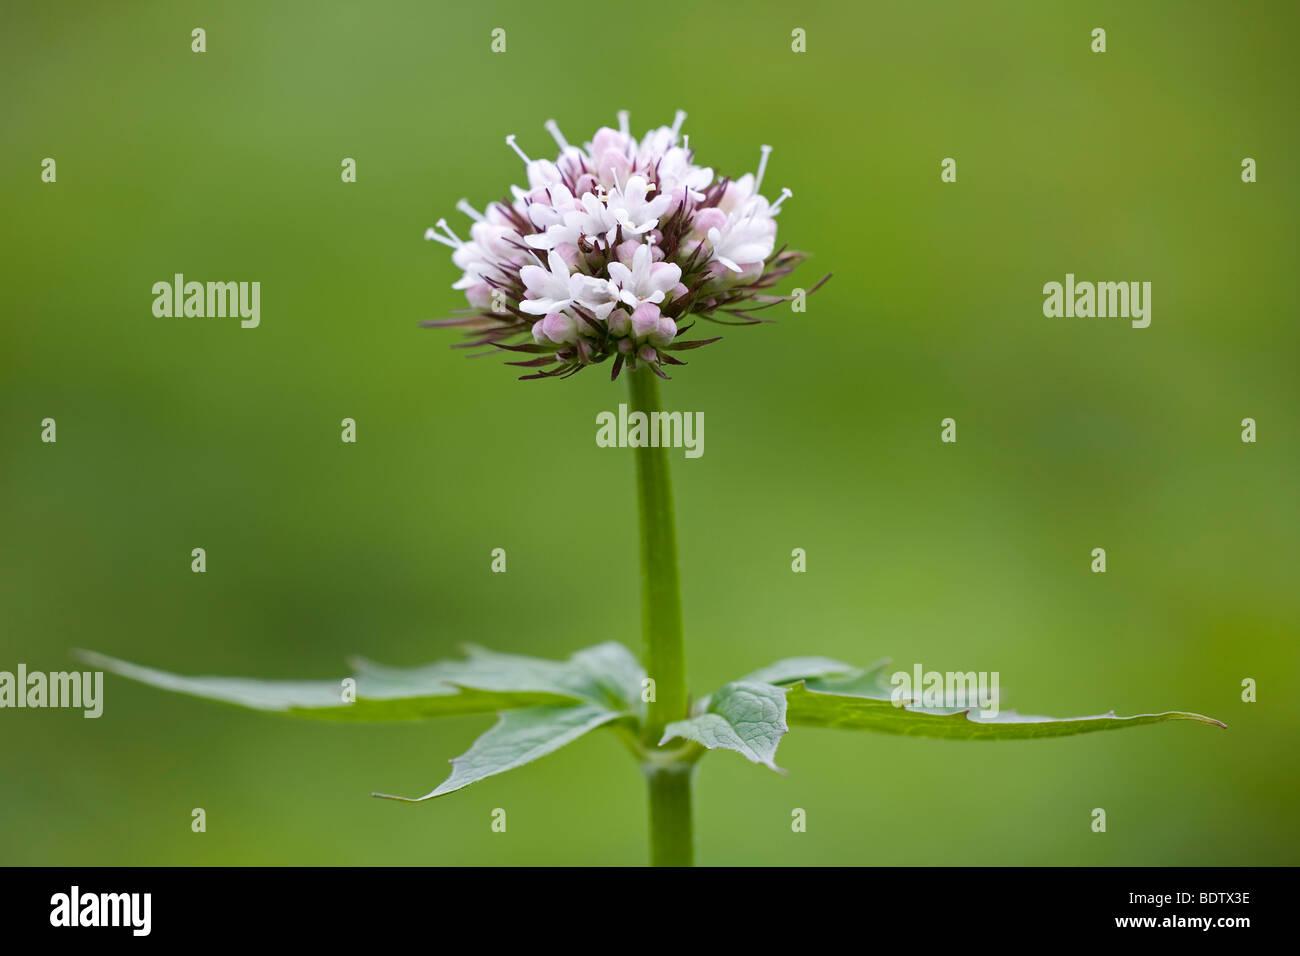 Baldrian - (Dt.Name unbekannt) / Sitka Valerian / Valeriana sitchensis - Stock Image